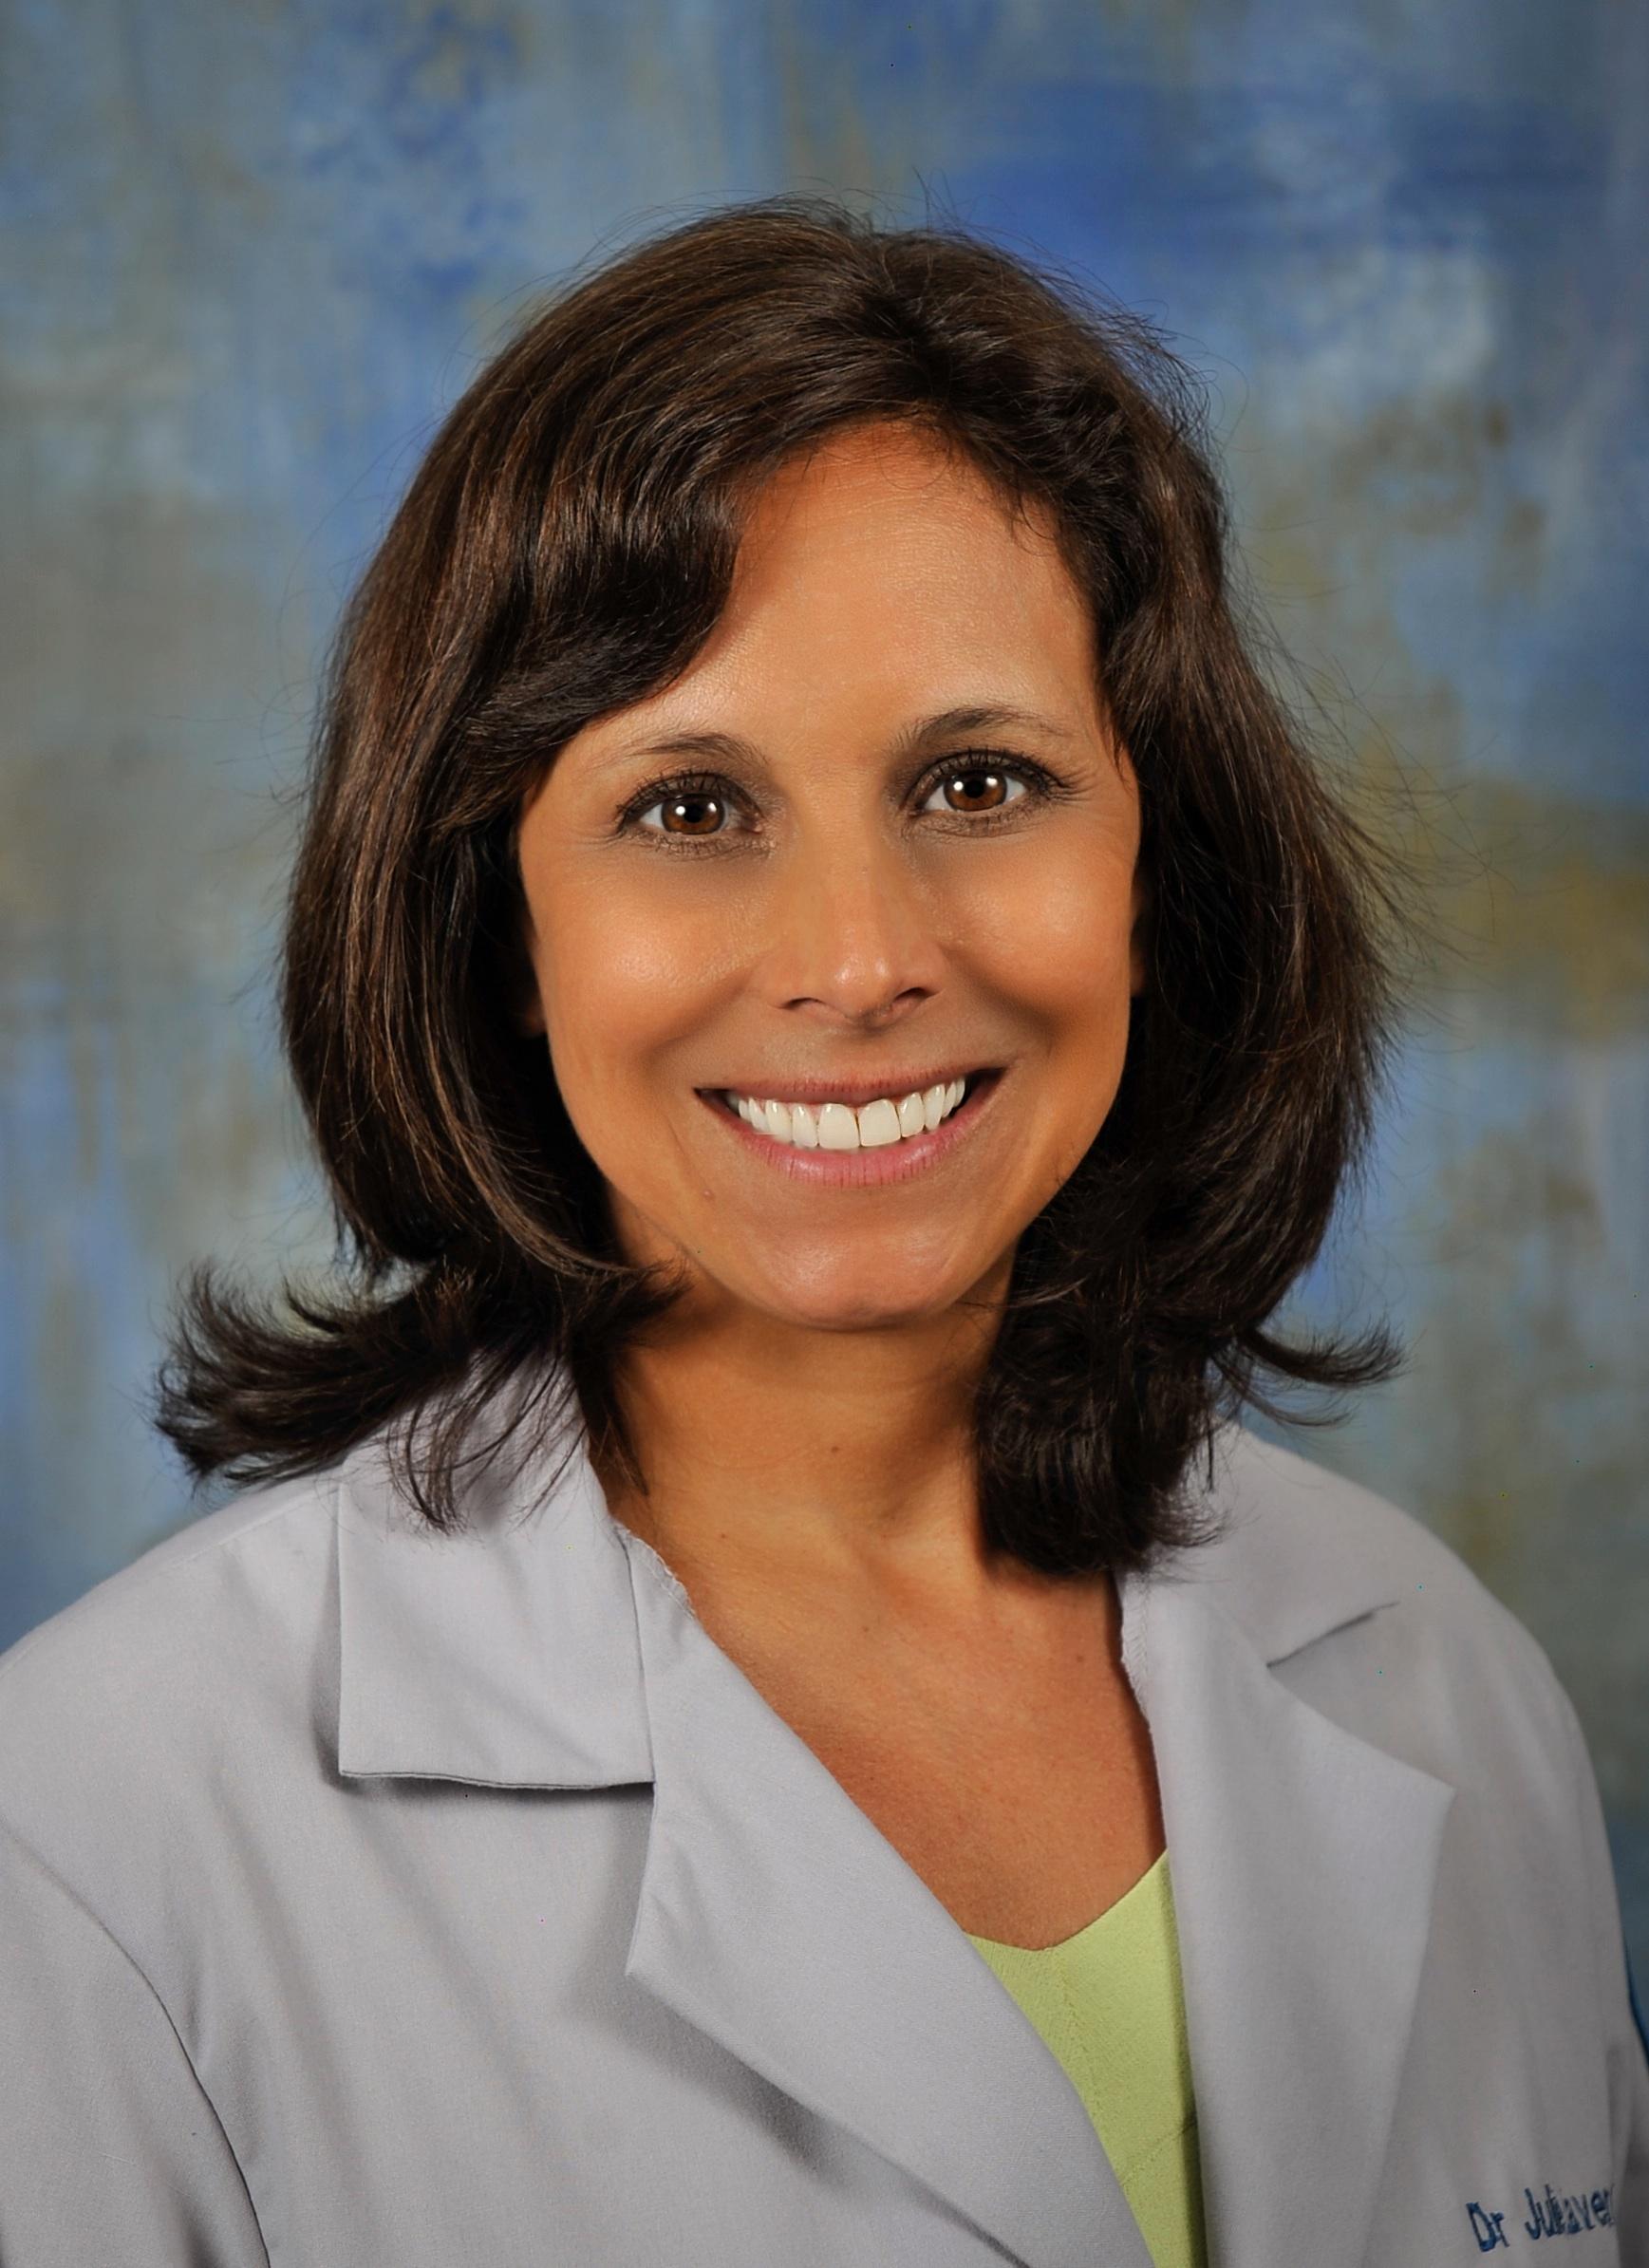 Julie A. Laverdiere, DDS